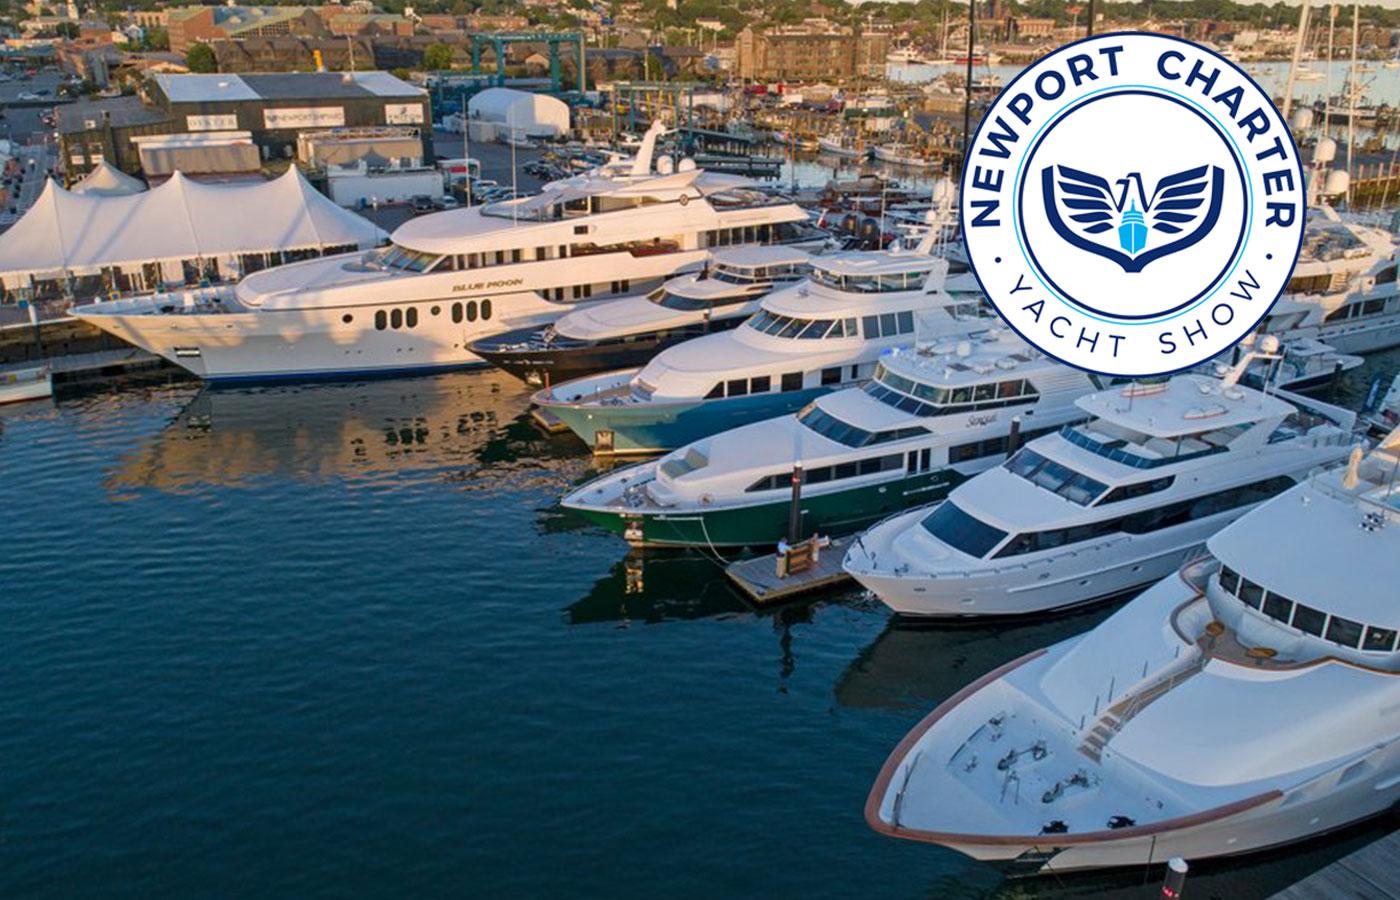 2019 Newport Charter Yacht Show